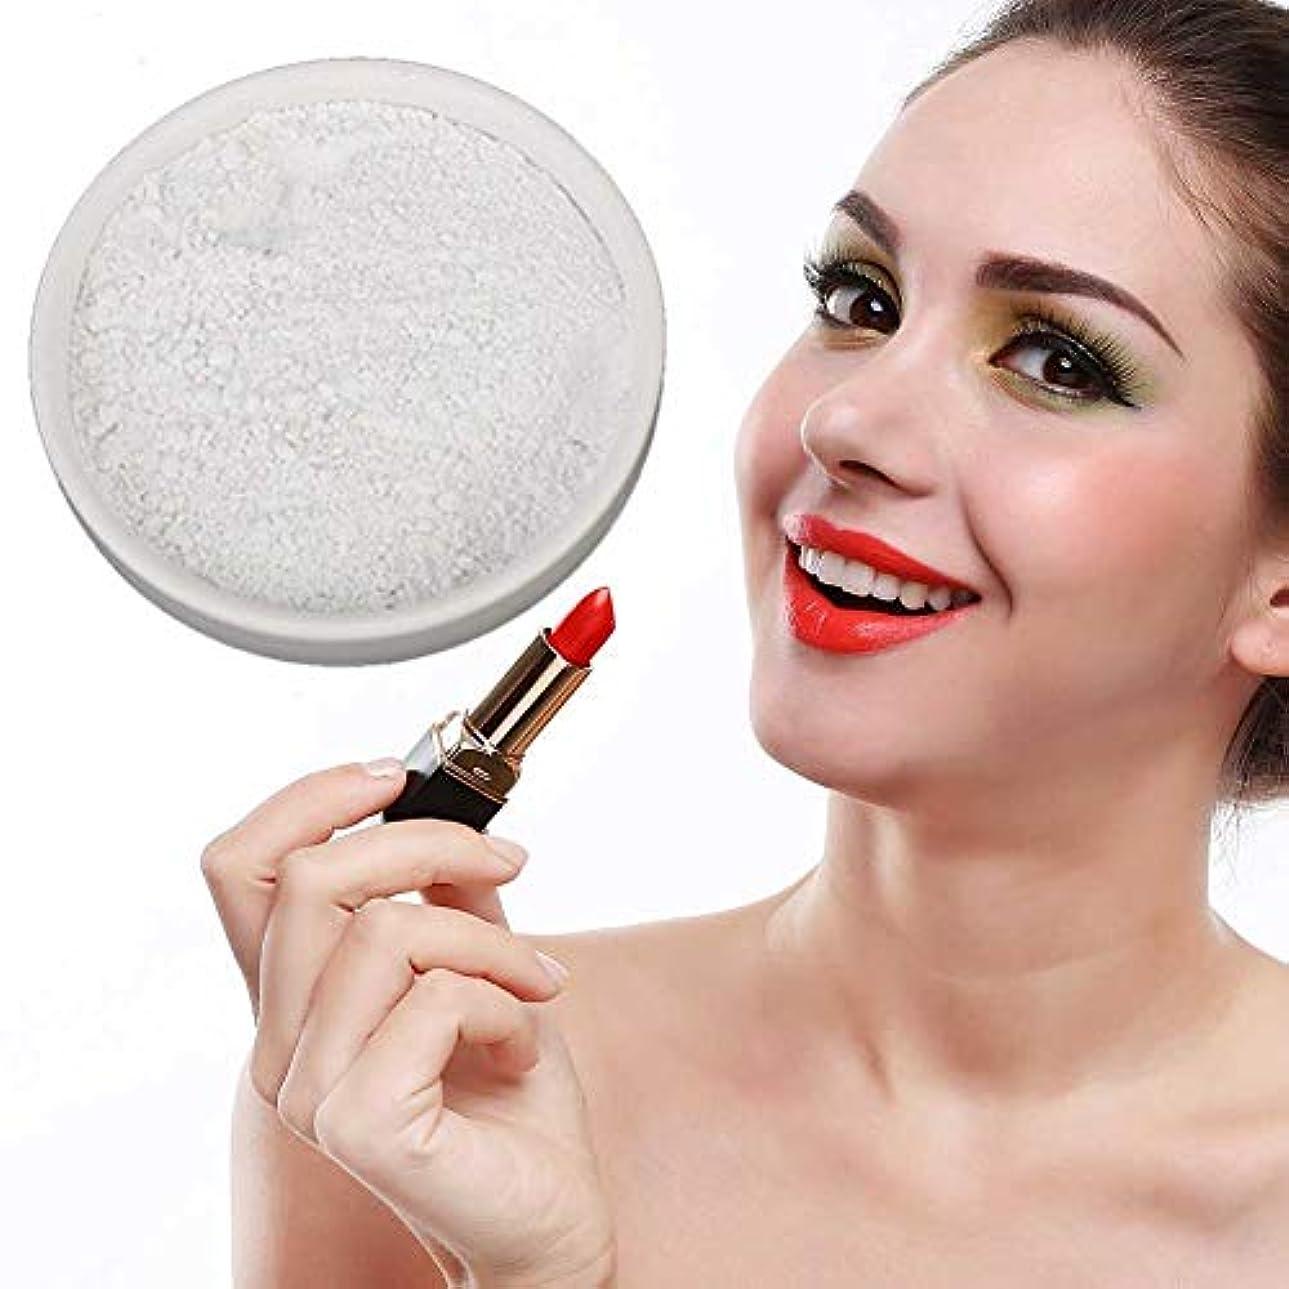 フリッパー機知に富んだ思い出すマットアイシャドウパウダー口紅赤面用500 g化粧品DIY原料化粧DIY素材